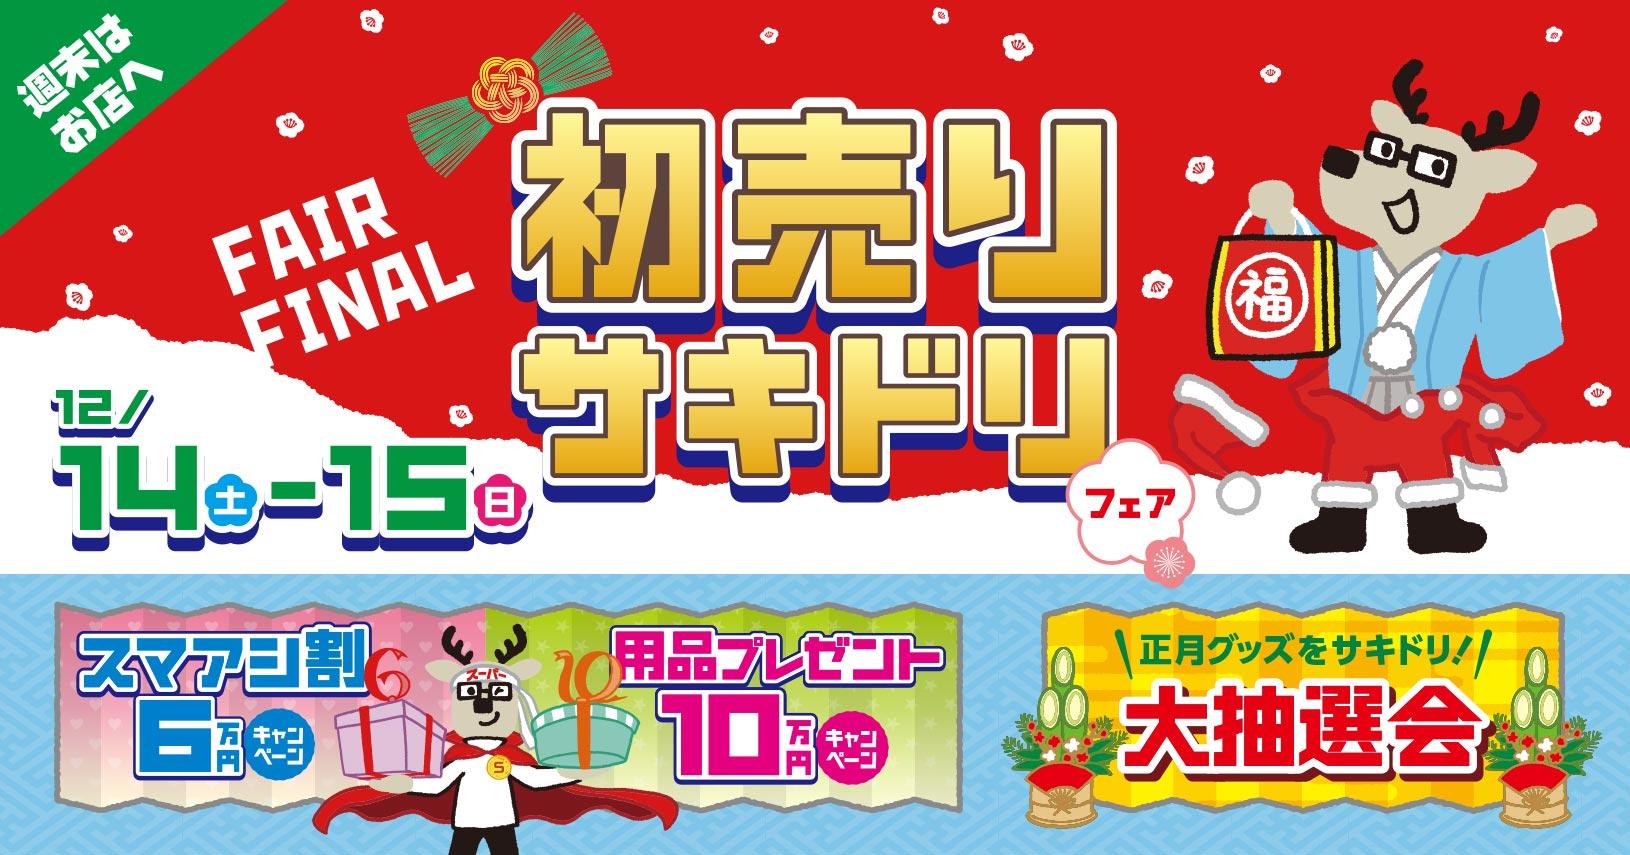 初売りサキドリフェア12月14-5日